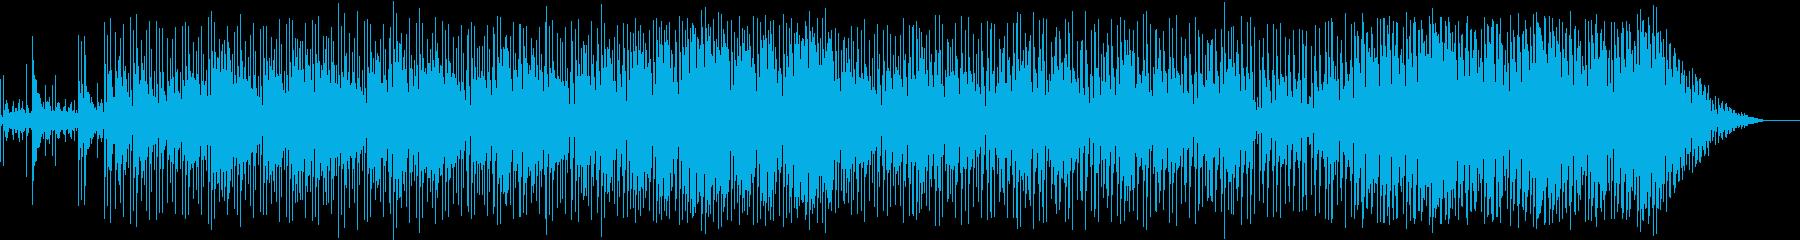 ラウンジ、メロディック。の再生済みの波形